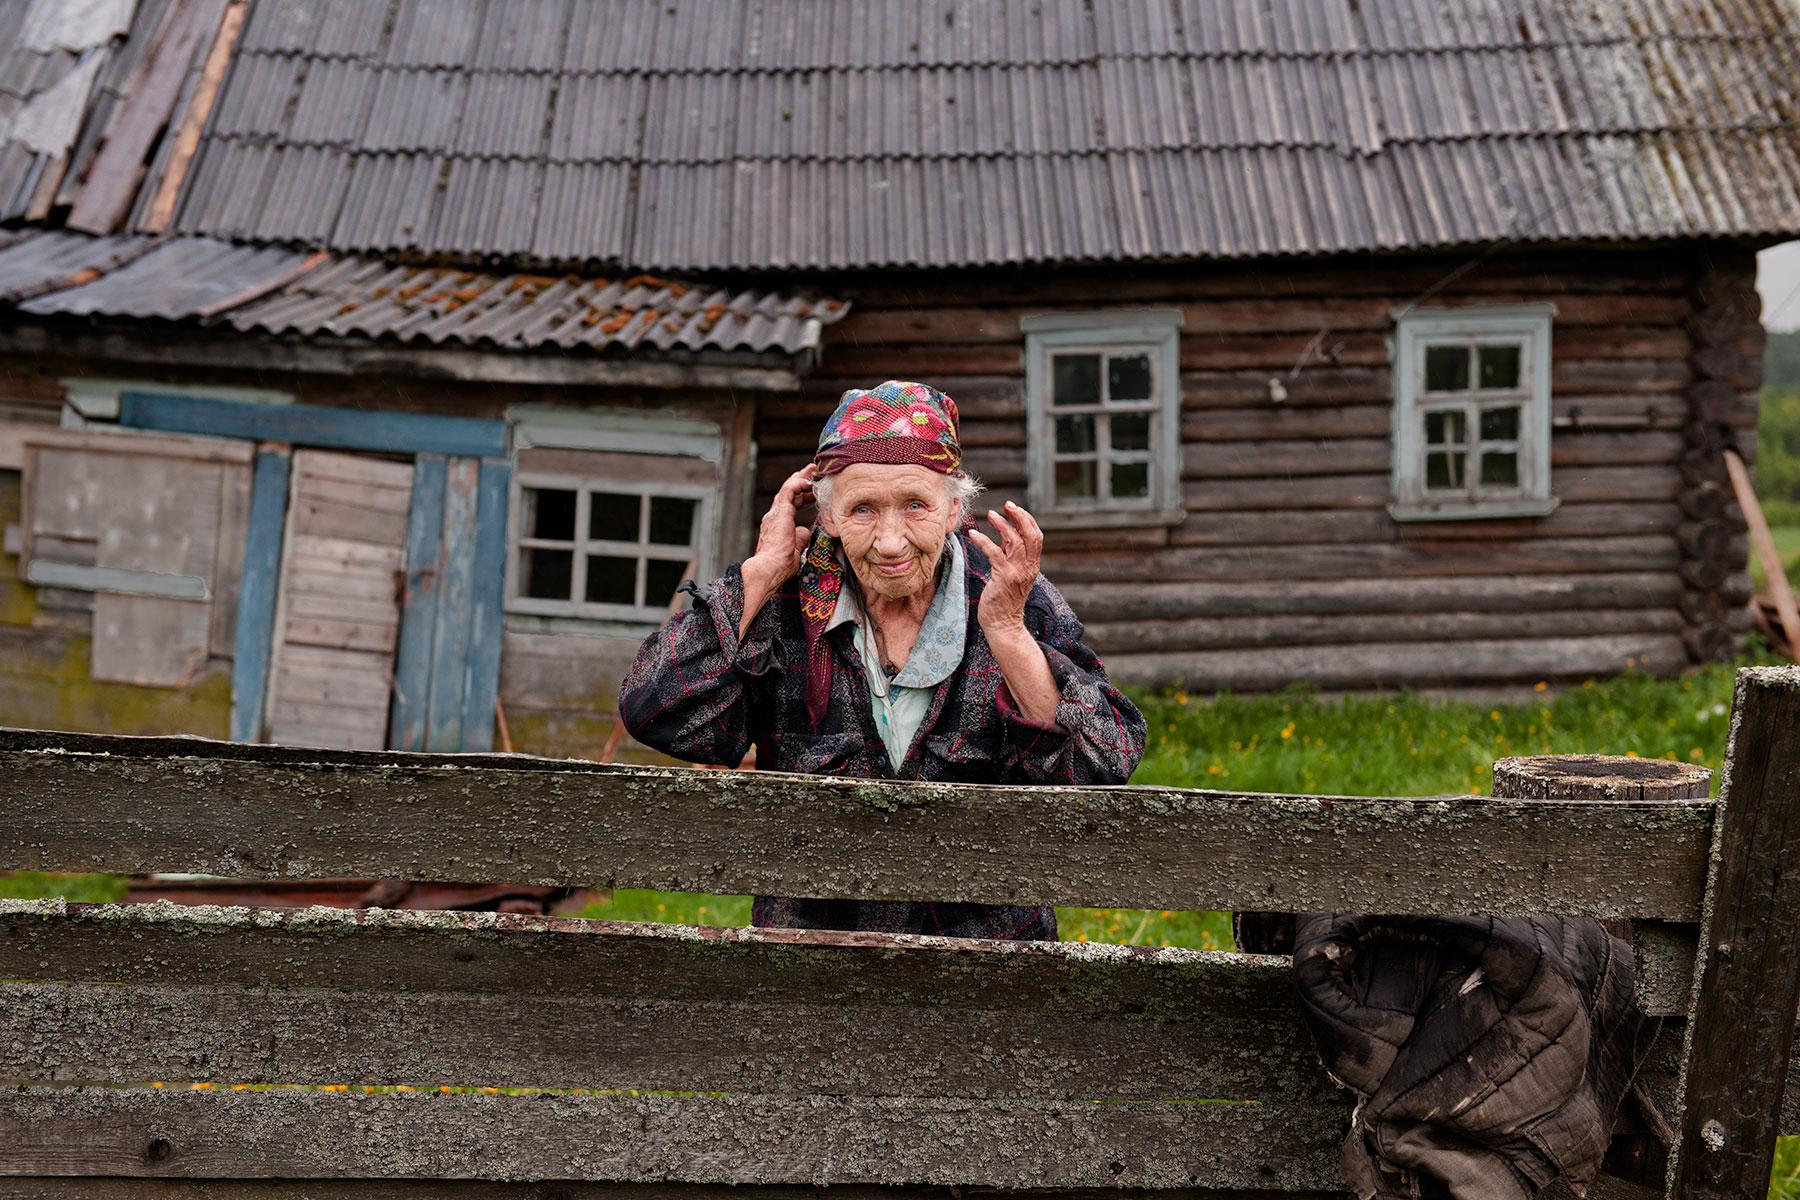 Смотреть ролики с русскими девушками, красивый русский